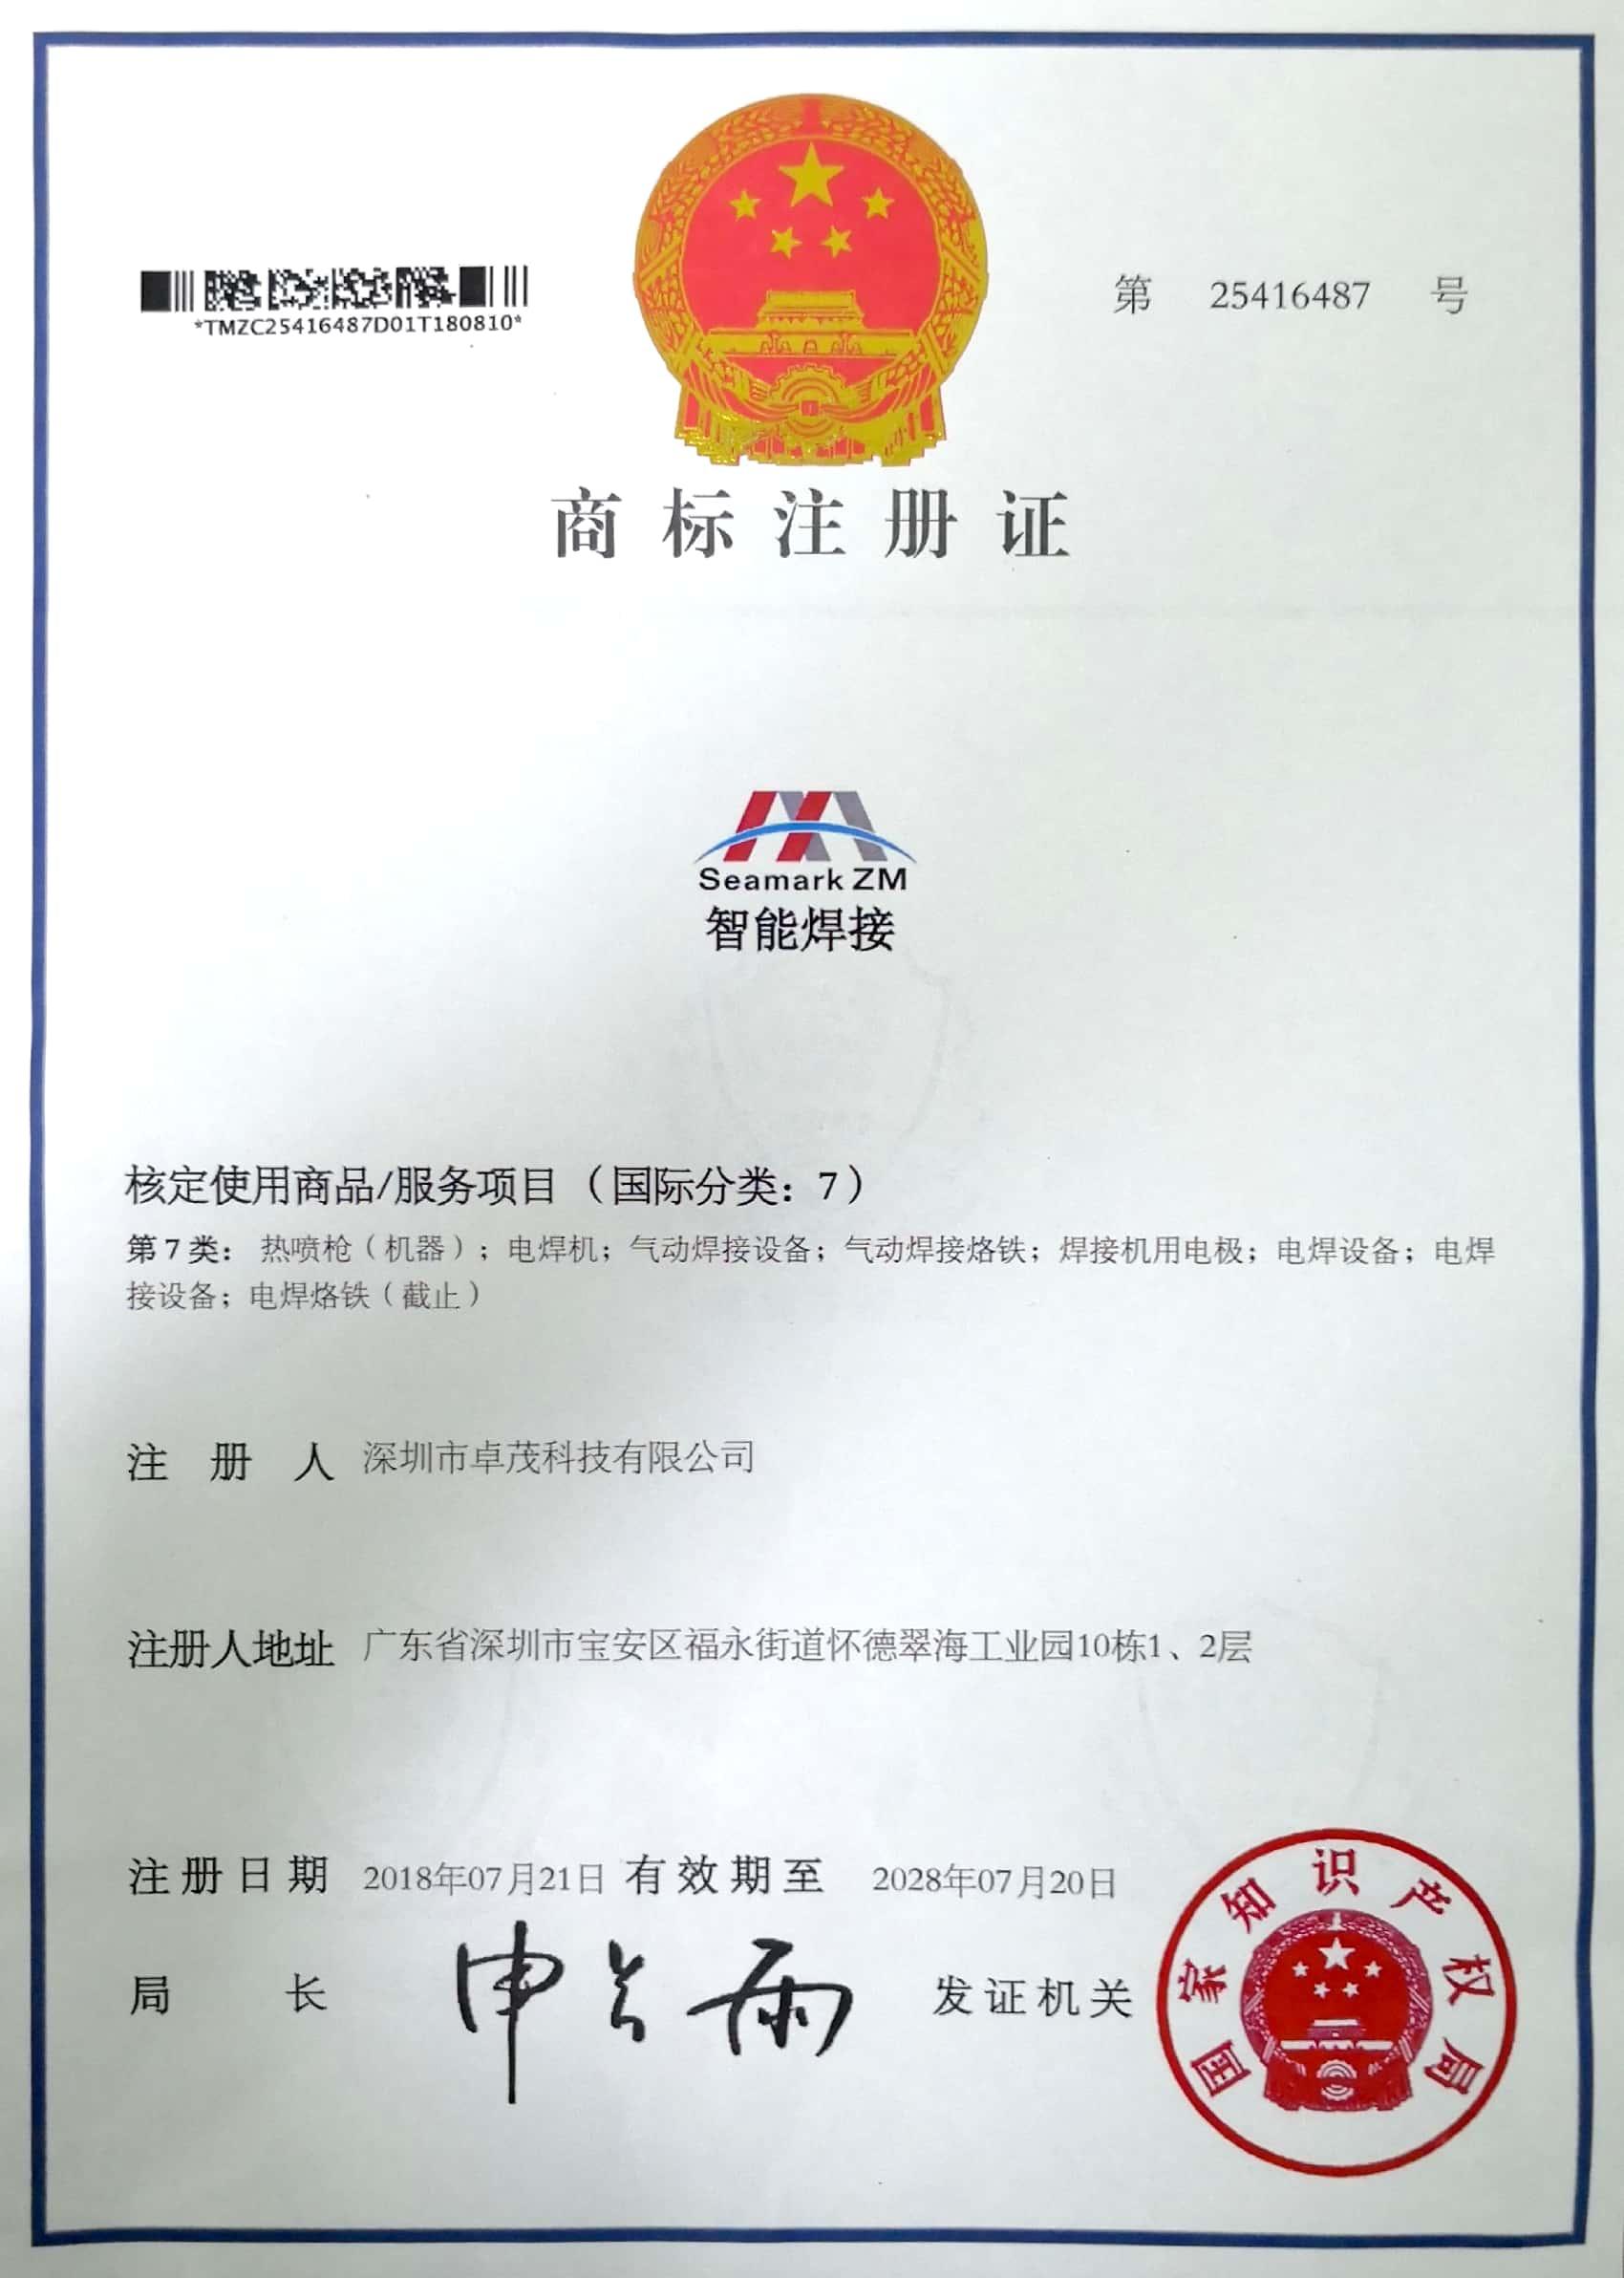 荣获多项计算机软件著作权登记证书